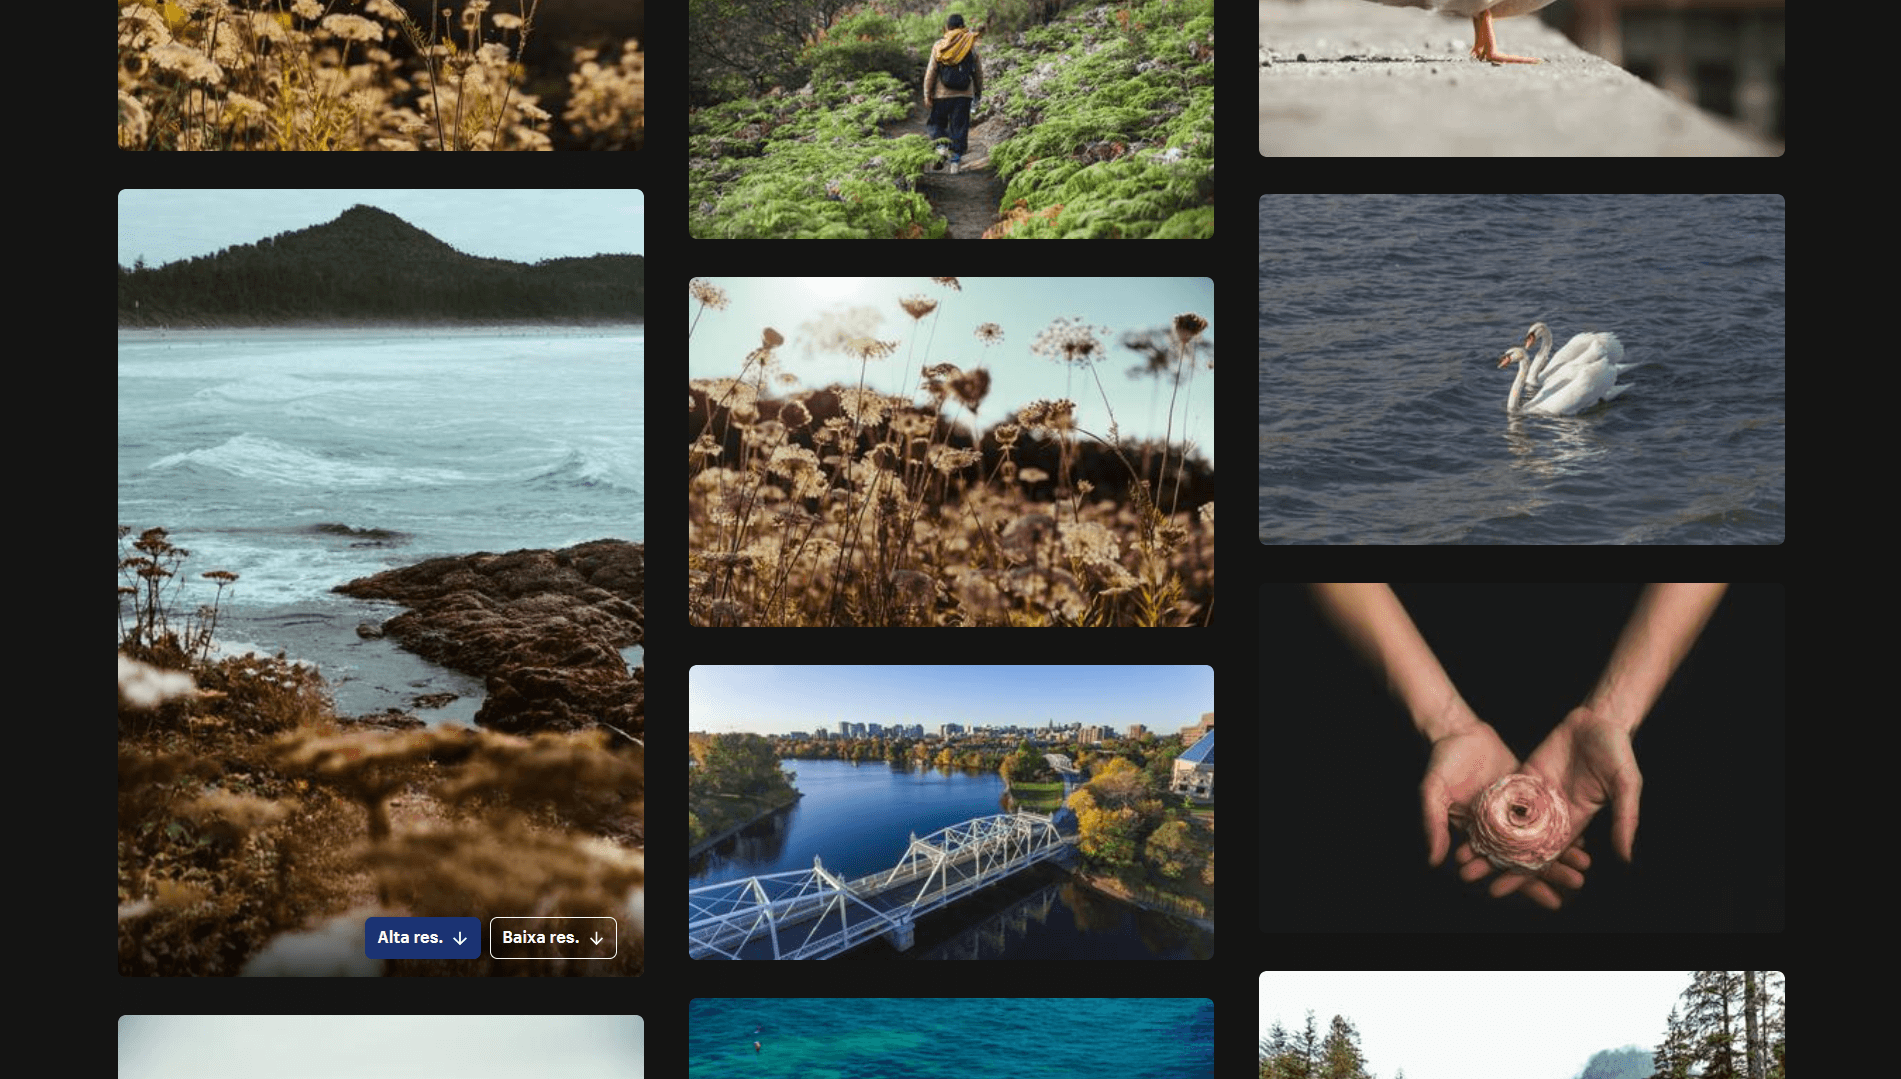 Conheça Burst, o banco de imagens gratuitas da Shopify que é totalmente localizado em português 7